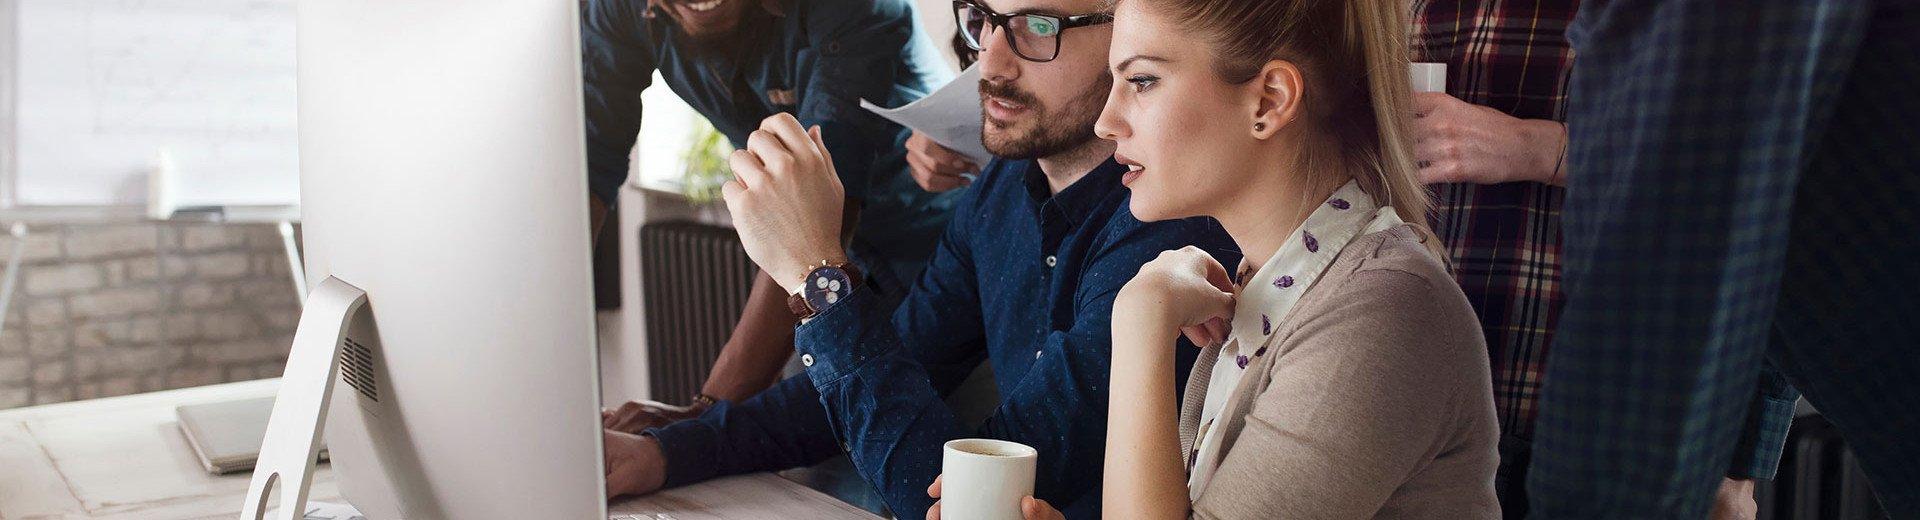 Okładka artykułu Profil zespołowy na Dribbble — Wsparcie biznesowe czy strata czasu?